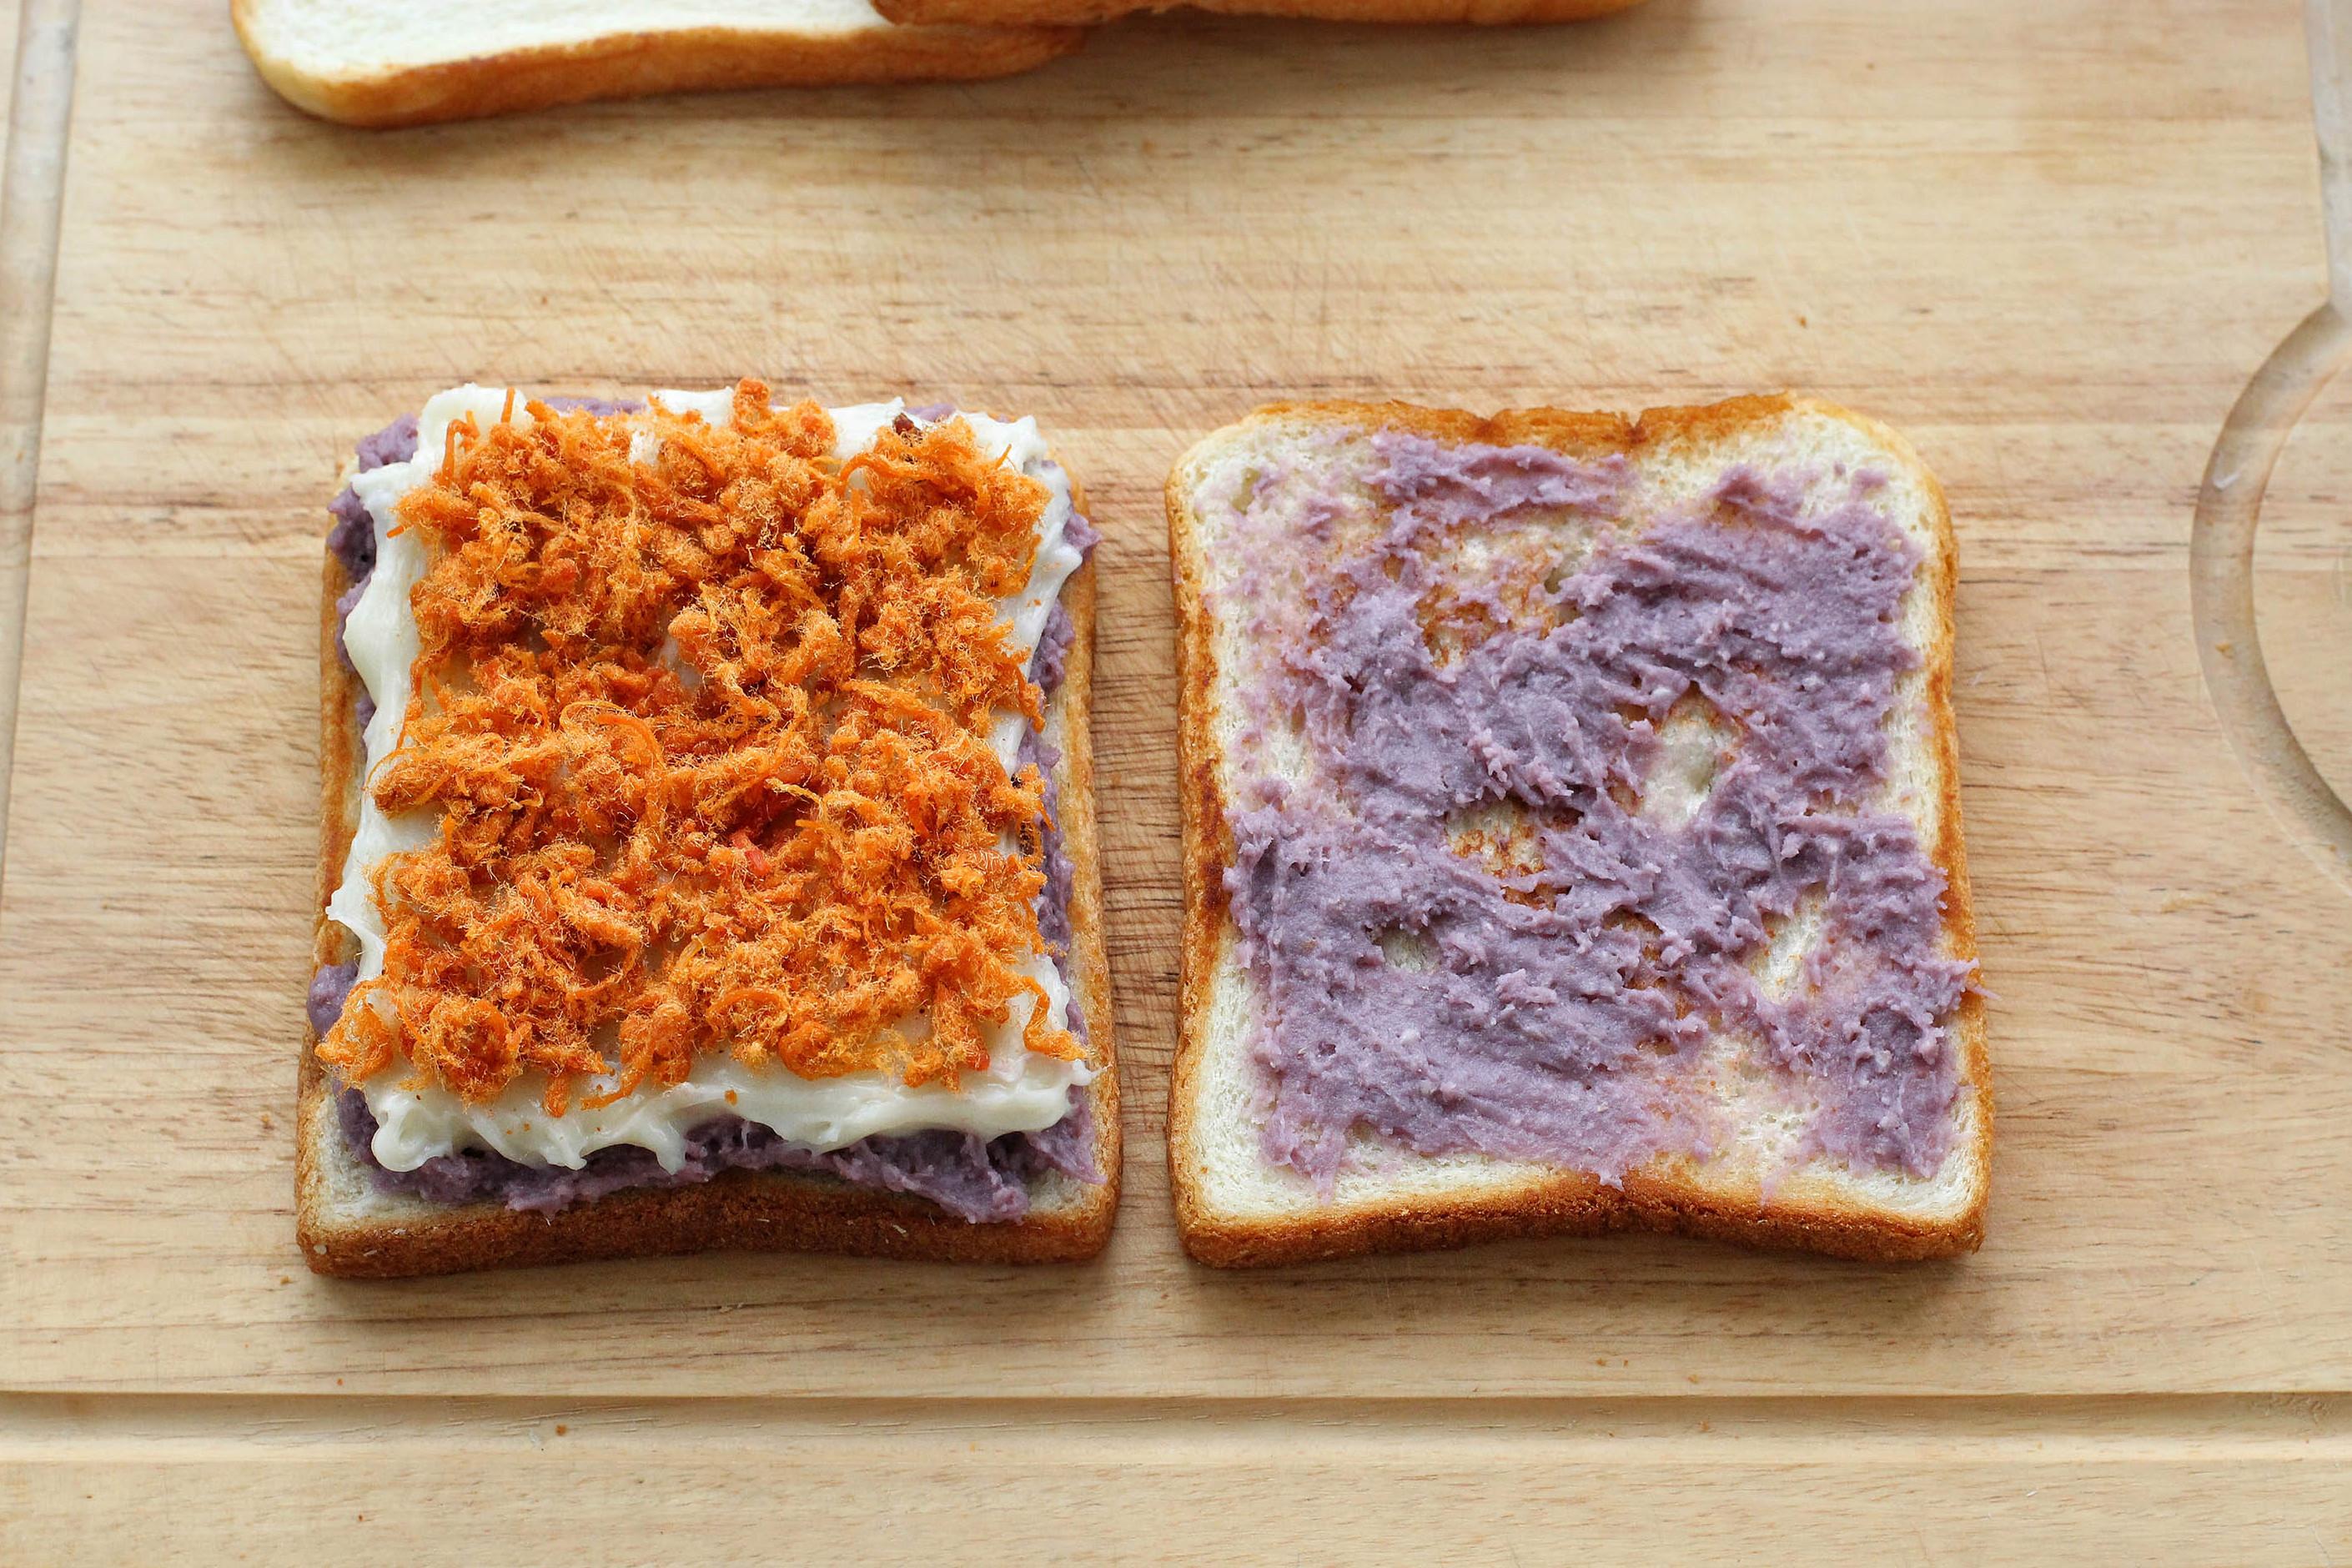 老鼎峰的麻薯肉松面包,可惜到单位了没有烤箱不过... _网易视频